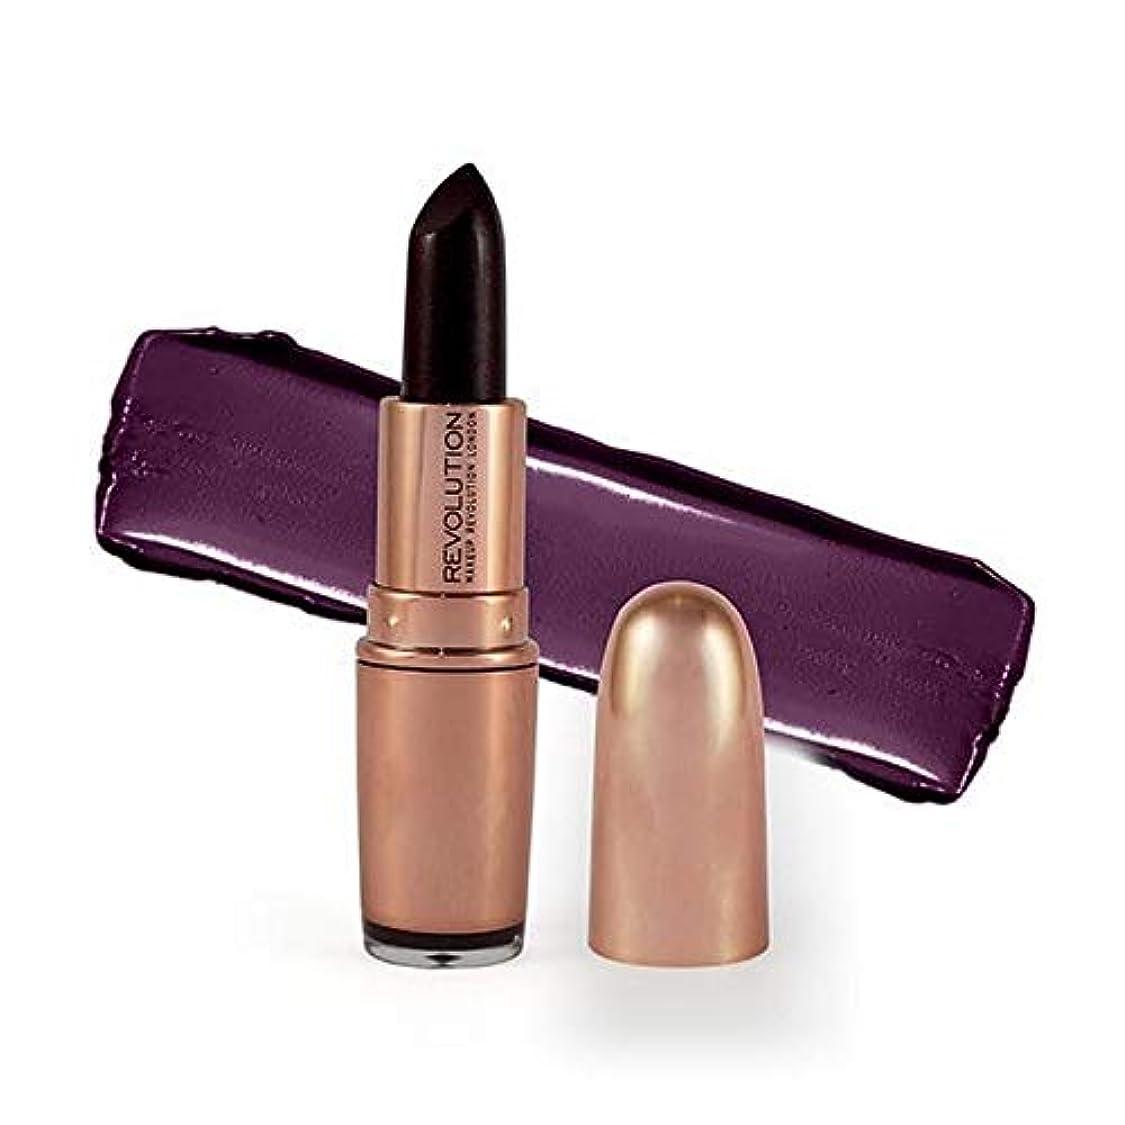 教授出演者長方形[Revolution ] 革命は、金口紅ダイヤモンドライフ3.2グラムをバラ - Revolution Rose Gold Lipstick Diamond Life 3.2G [並行輸入品]